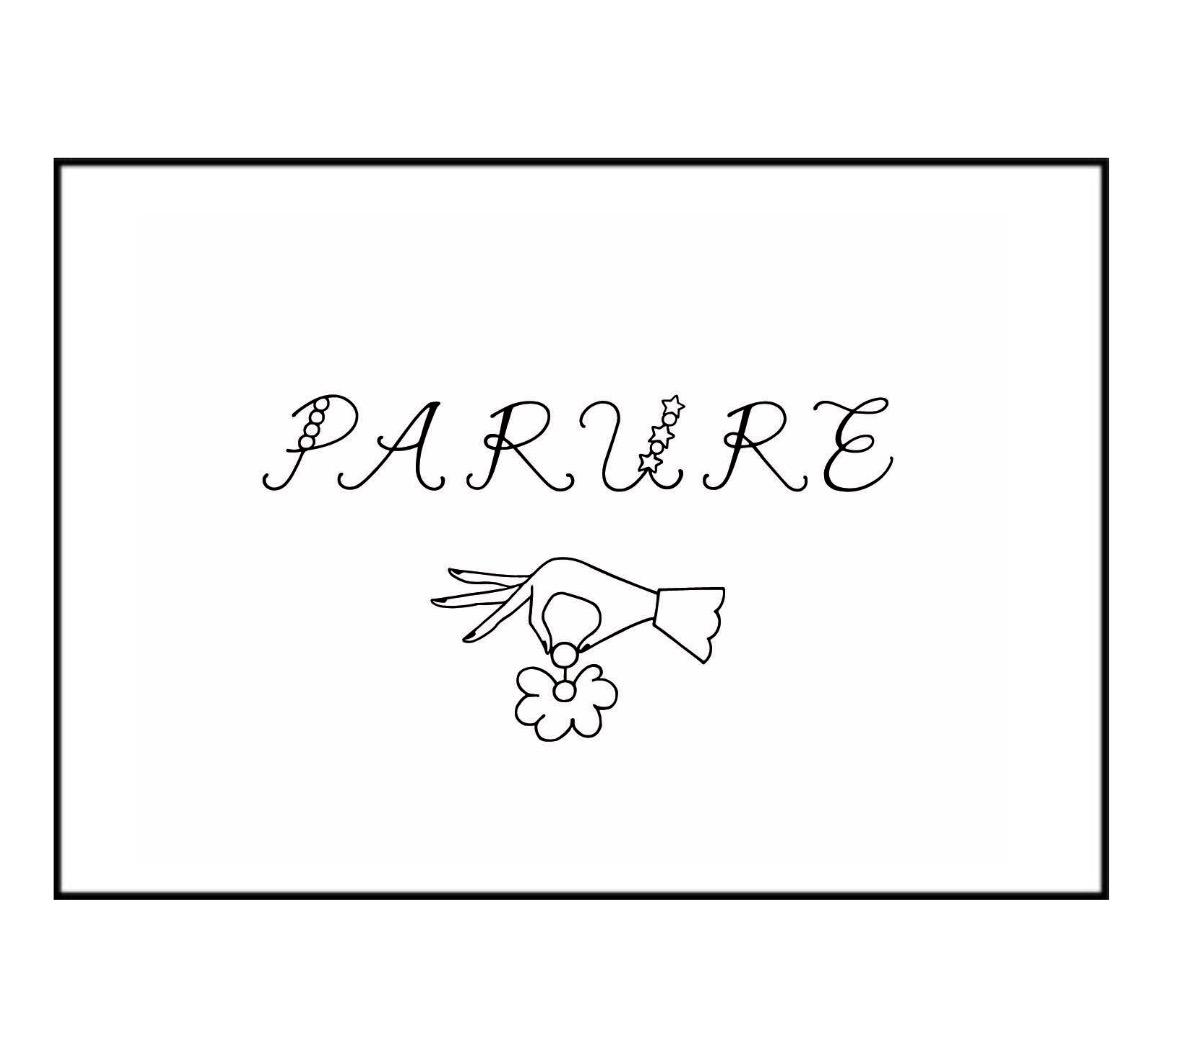 PARURE